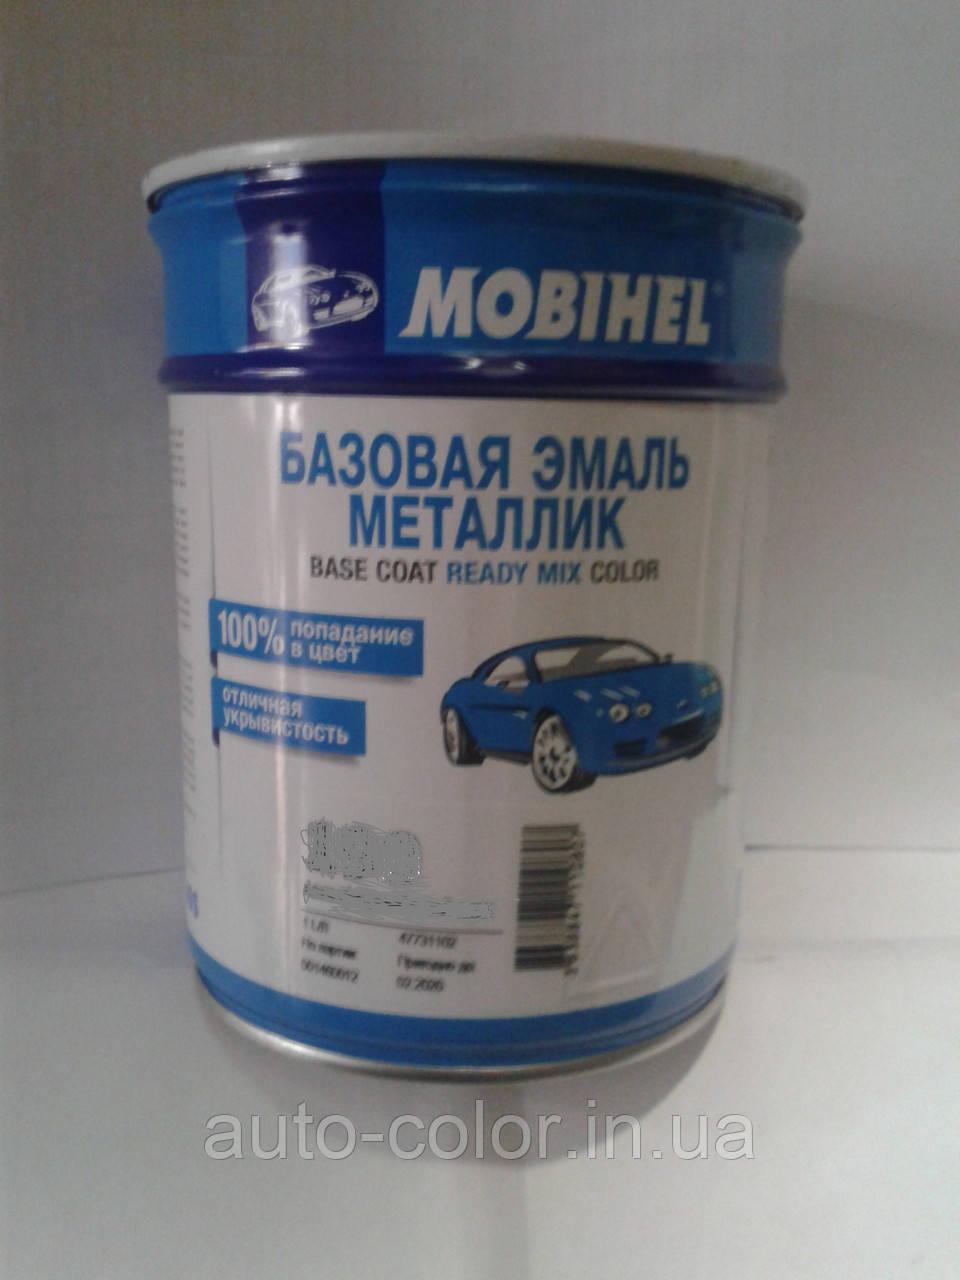 Автоемаль базова металік Mobihel 97K Daewoo 1л